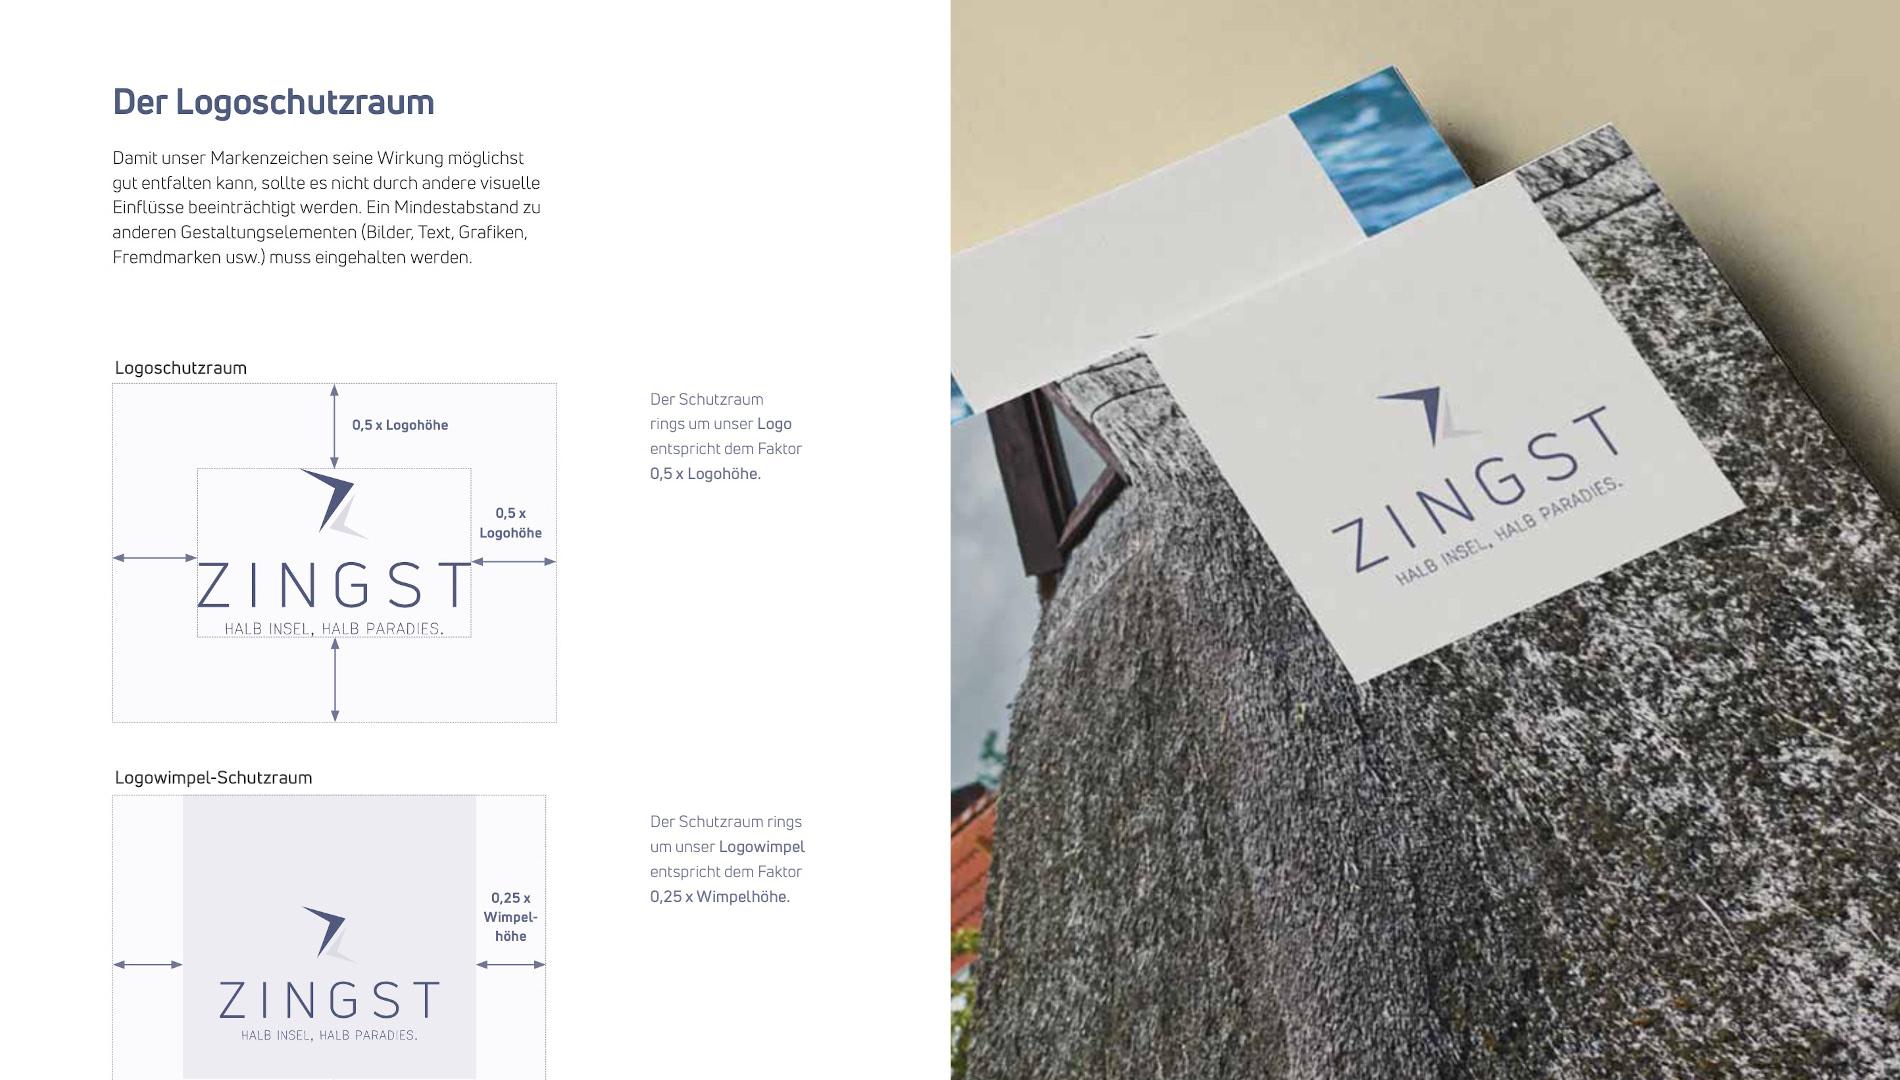 Markenentwicklung Corporate Design Zingst Markenzeichen Logoschutzraum Going Places